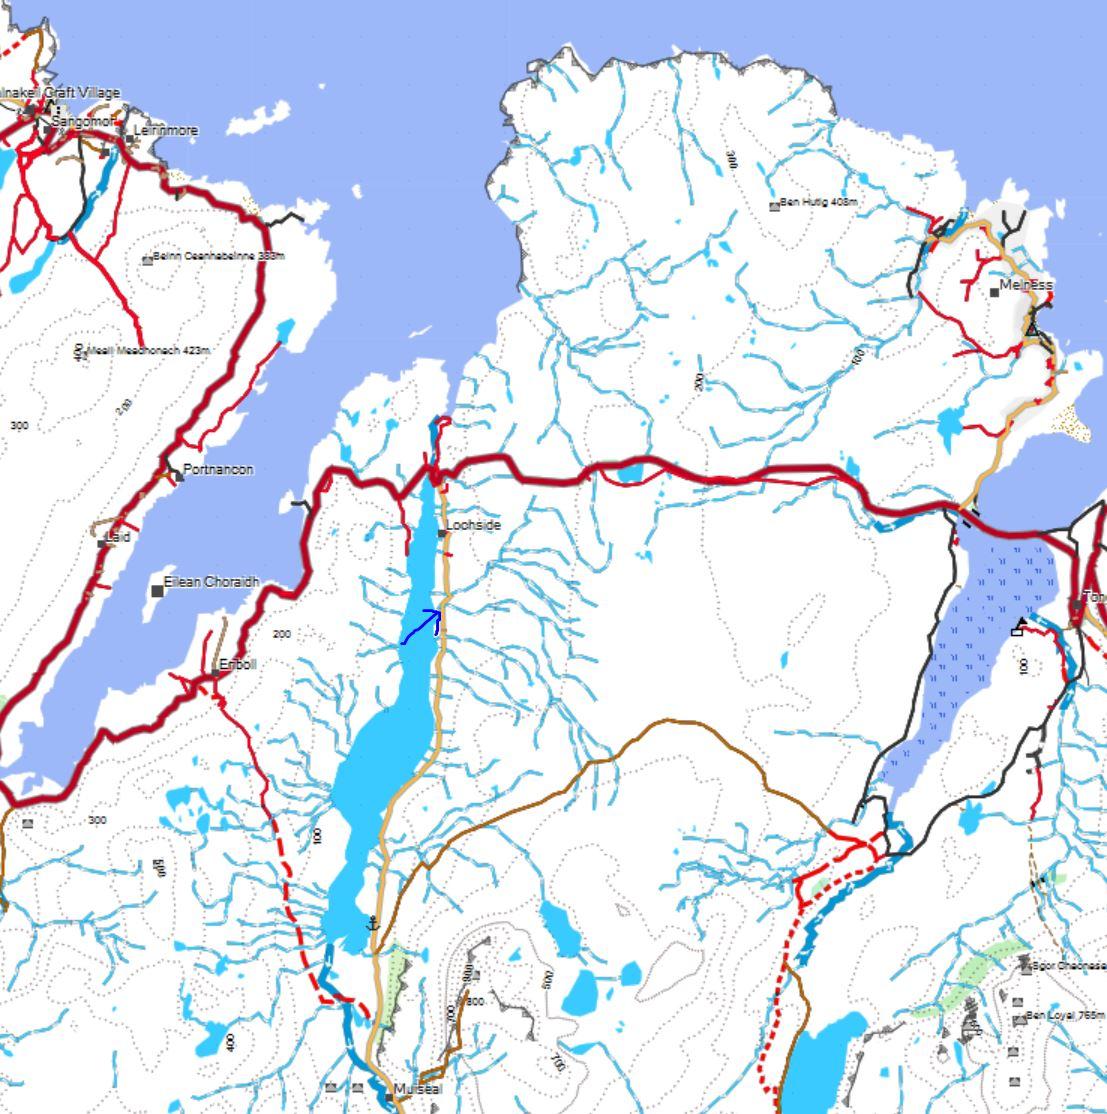 Die Karte zum Schottland Wildcamping Stellplatz Nr. 3 am Loch Lomond